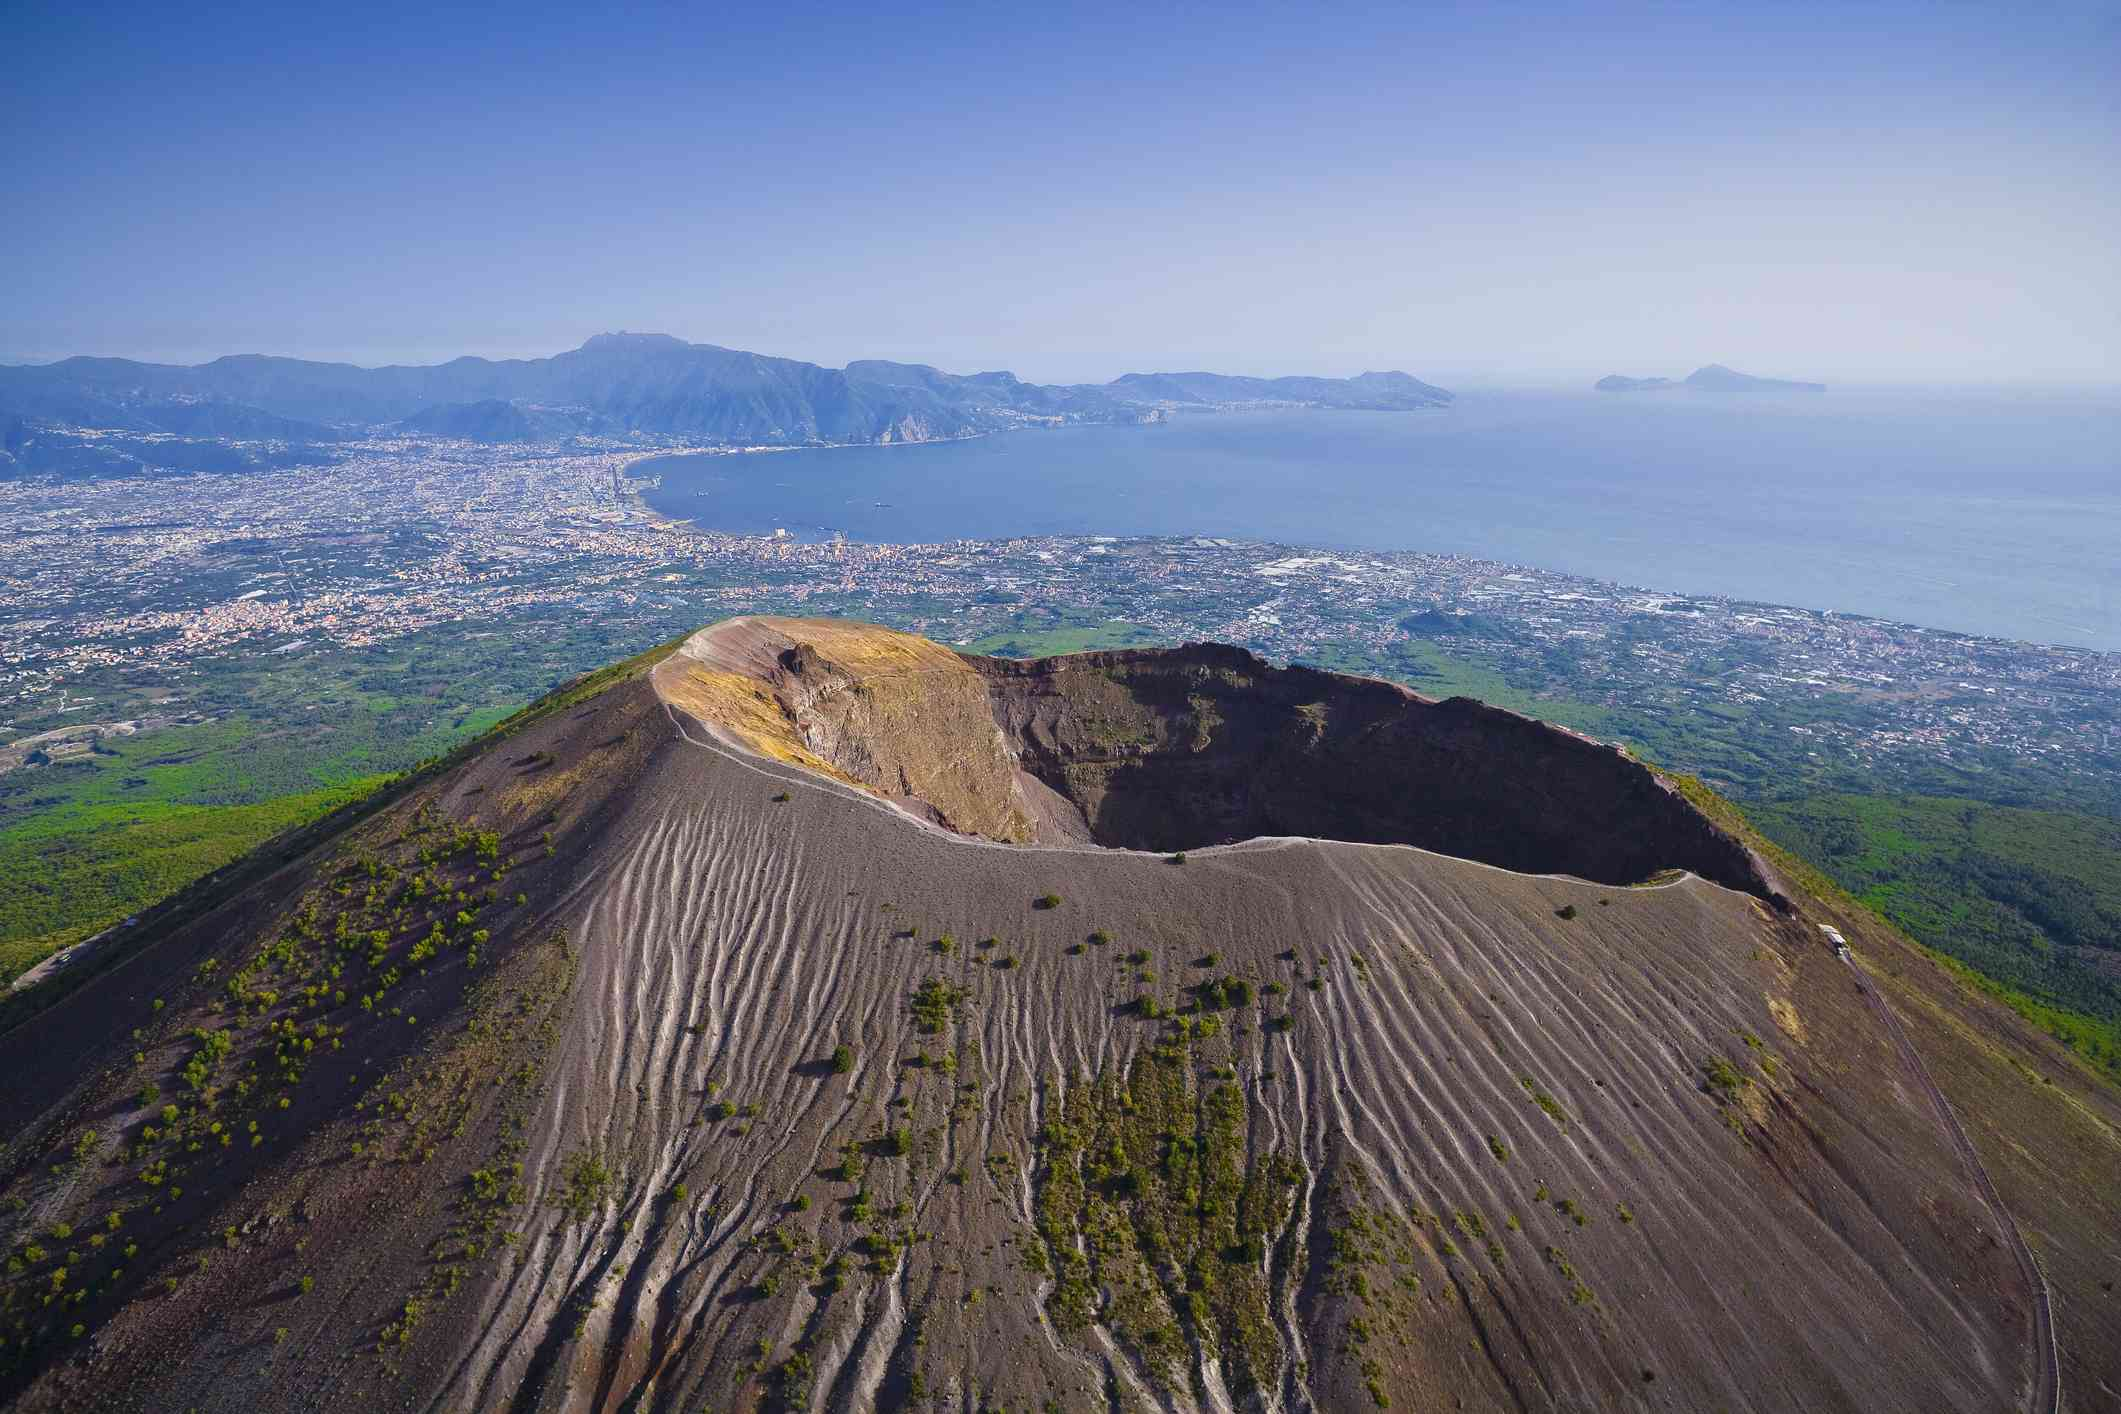 Crater of volcanic Mt. Vesuvius, aerial view